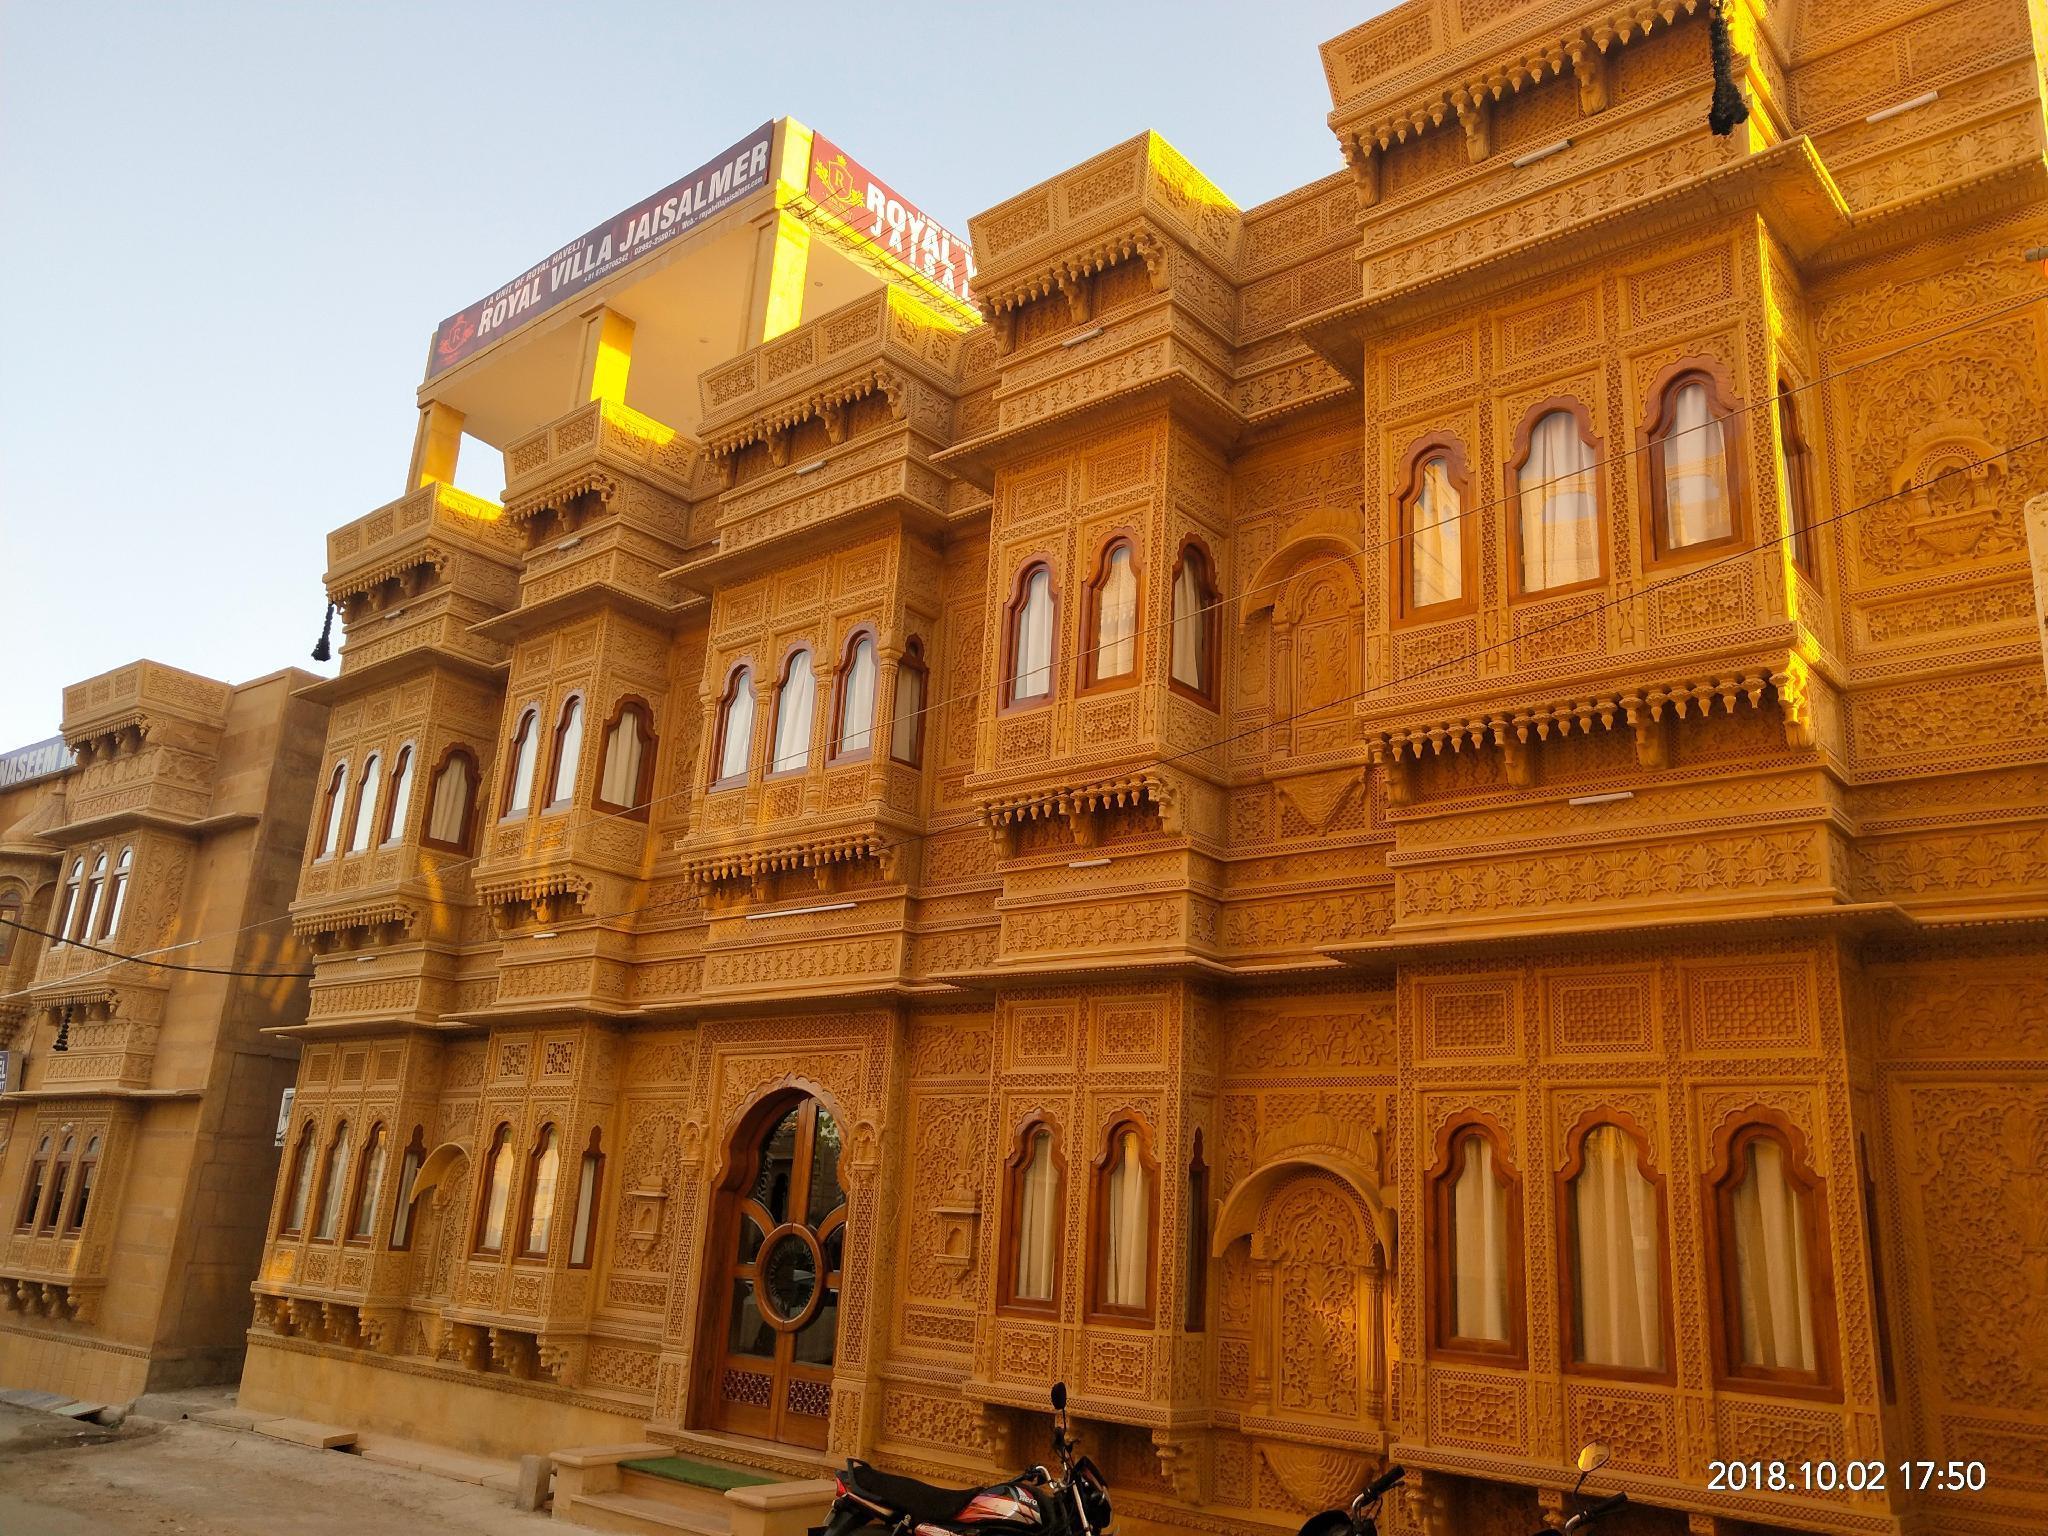 Royal Villa jaisalmer, Jaisalmer